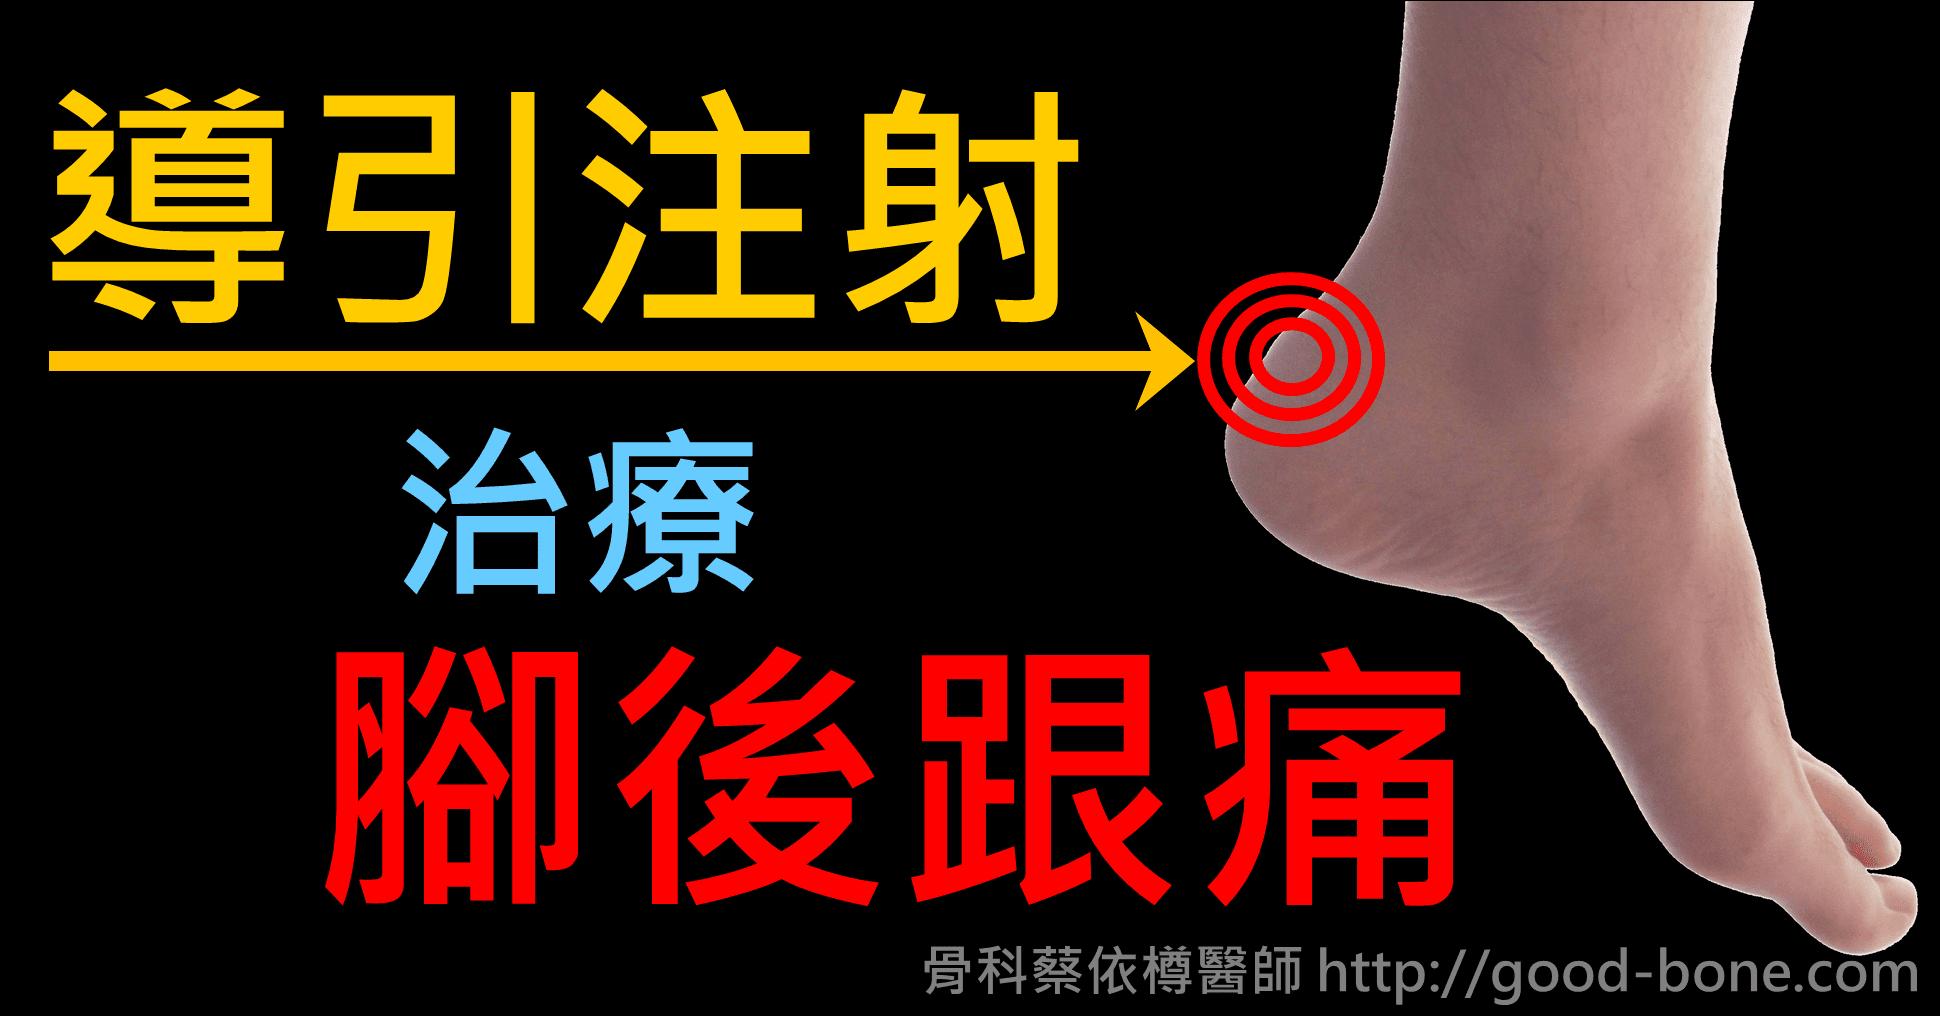 超音波導引注射治療腳後跟痛|台中骨科蔡依樽醫師https://good-bone.com